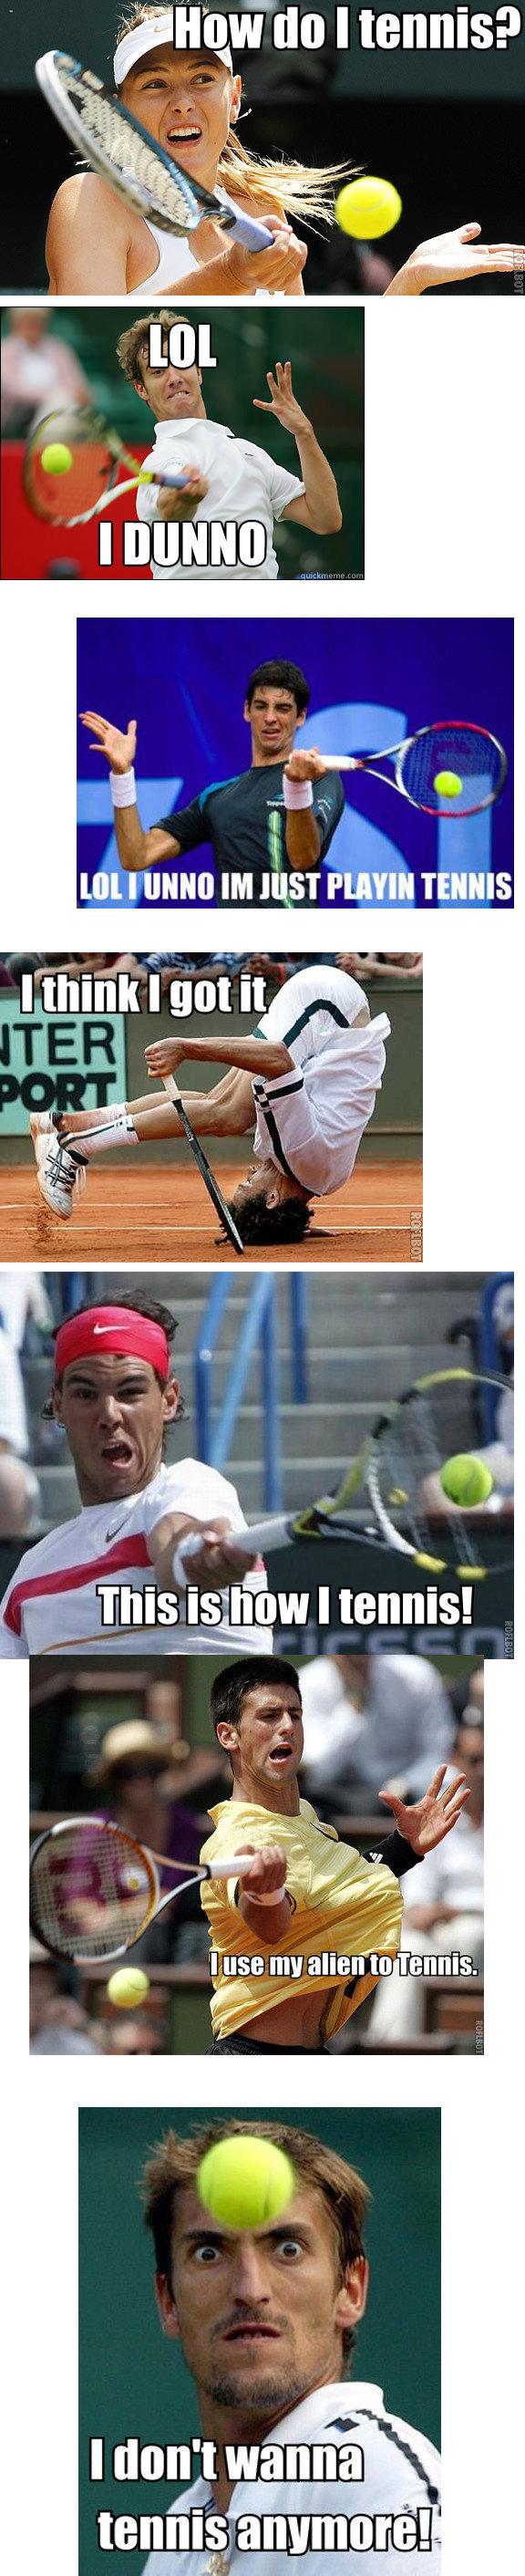 How do you tennis. FUNNYJUNK HOW DO YOU TENNIS?!. Iran' i t How do You Tennis